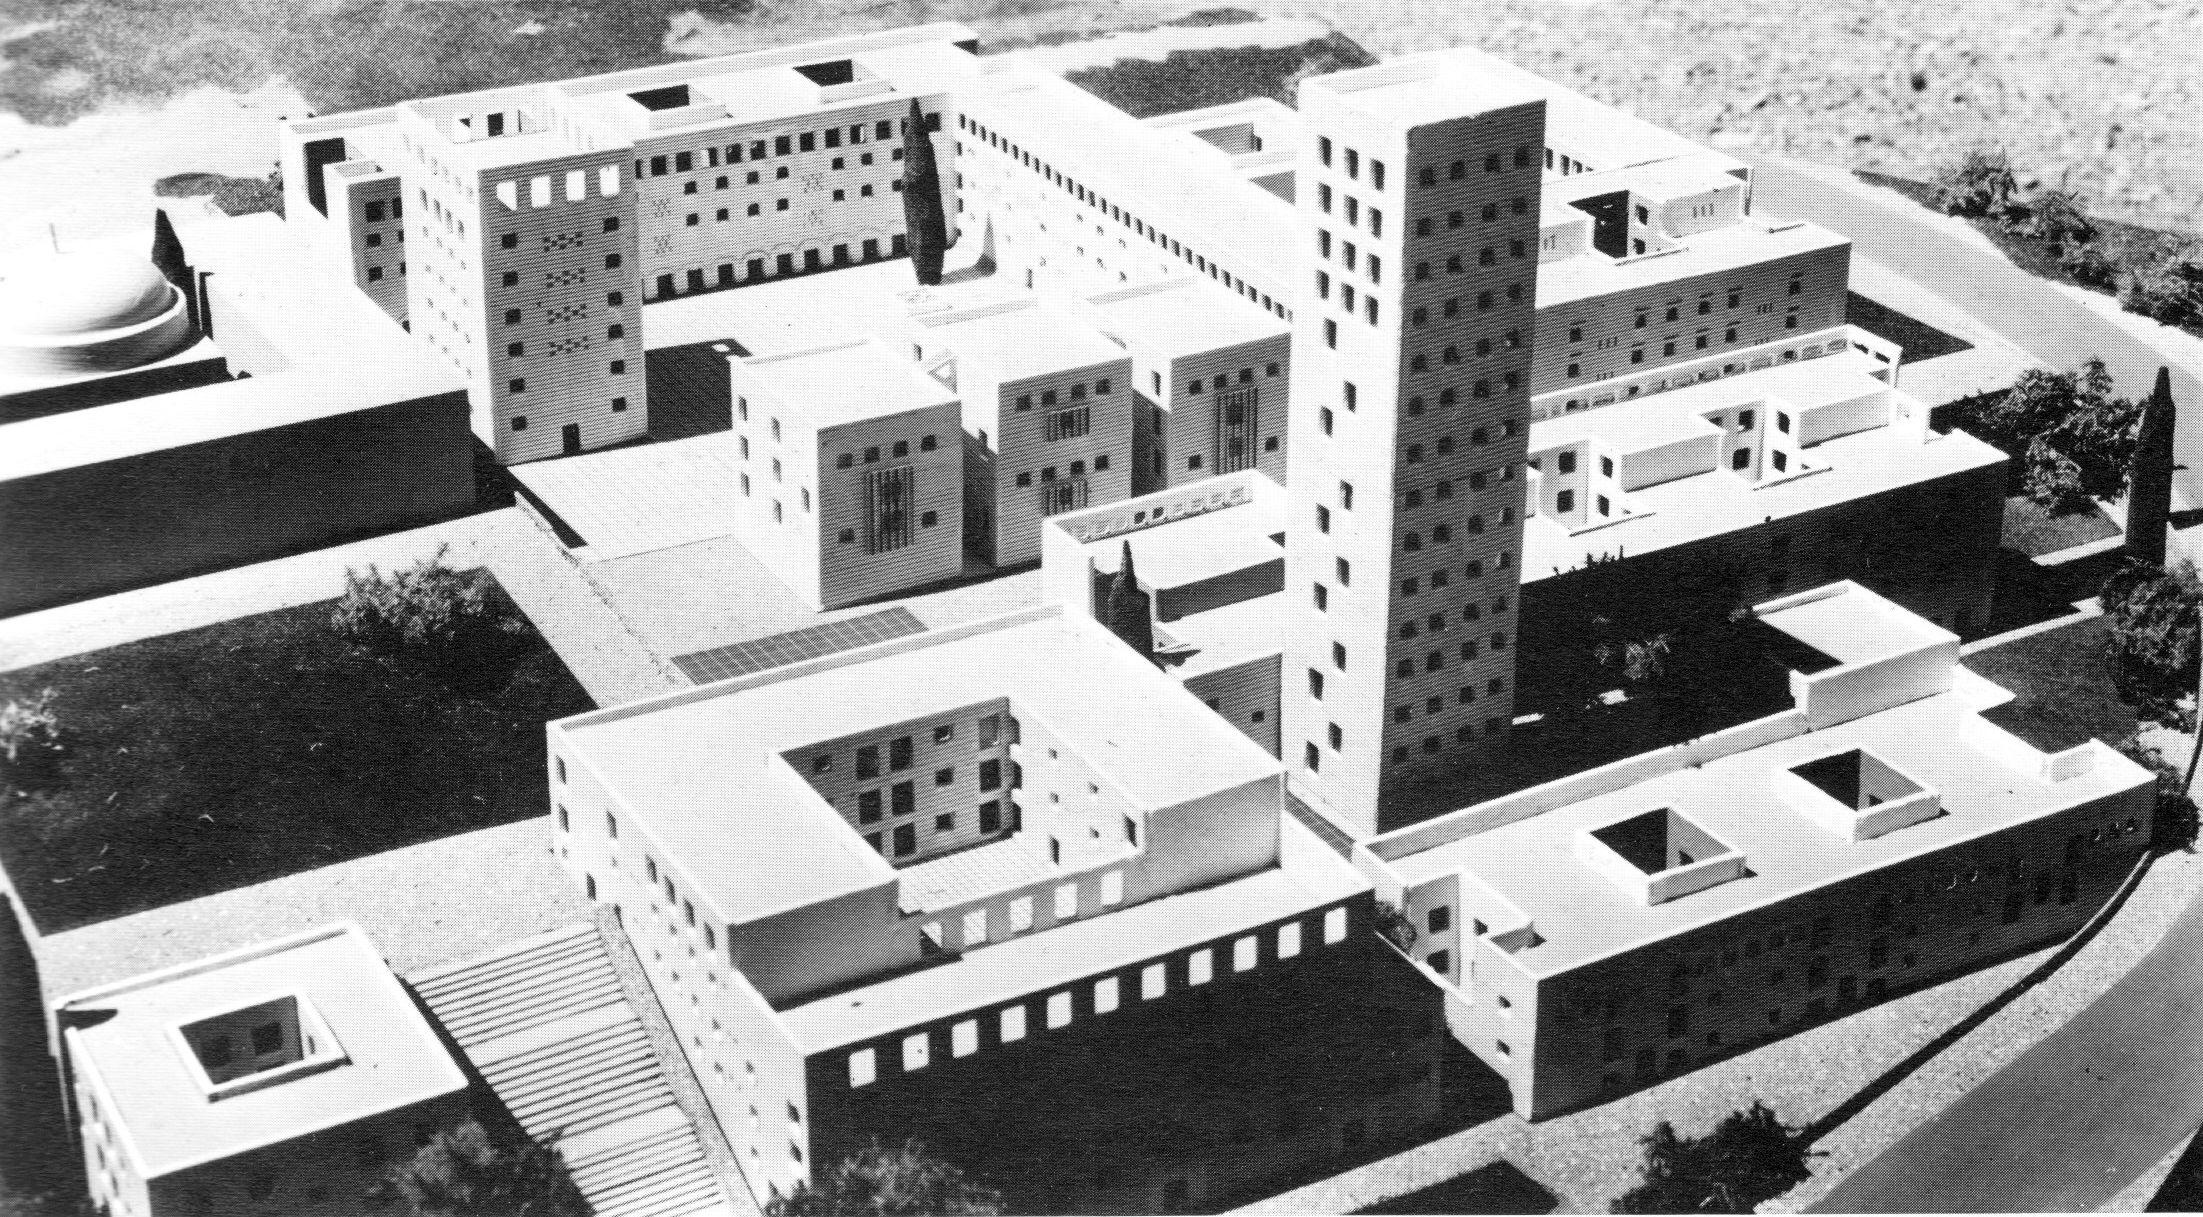 Climat De France Algiers Algeria Fernand Pouillon Urban Planning